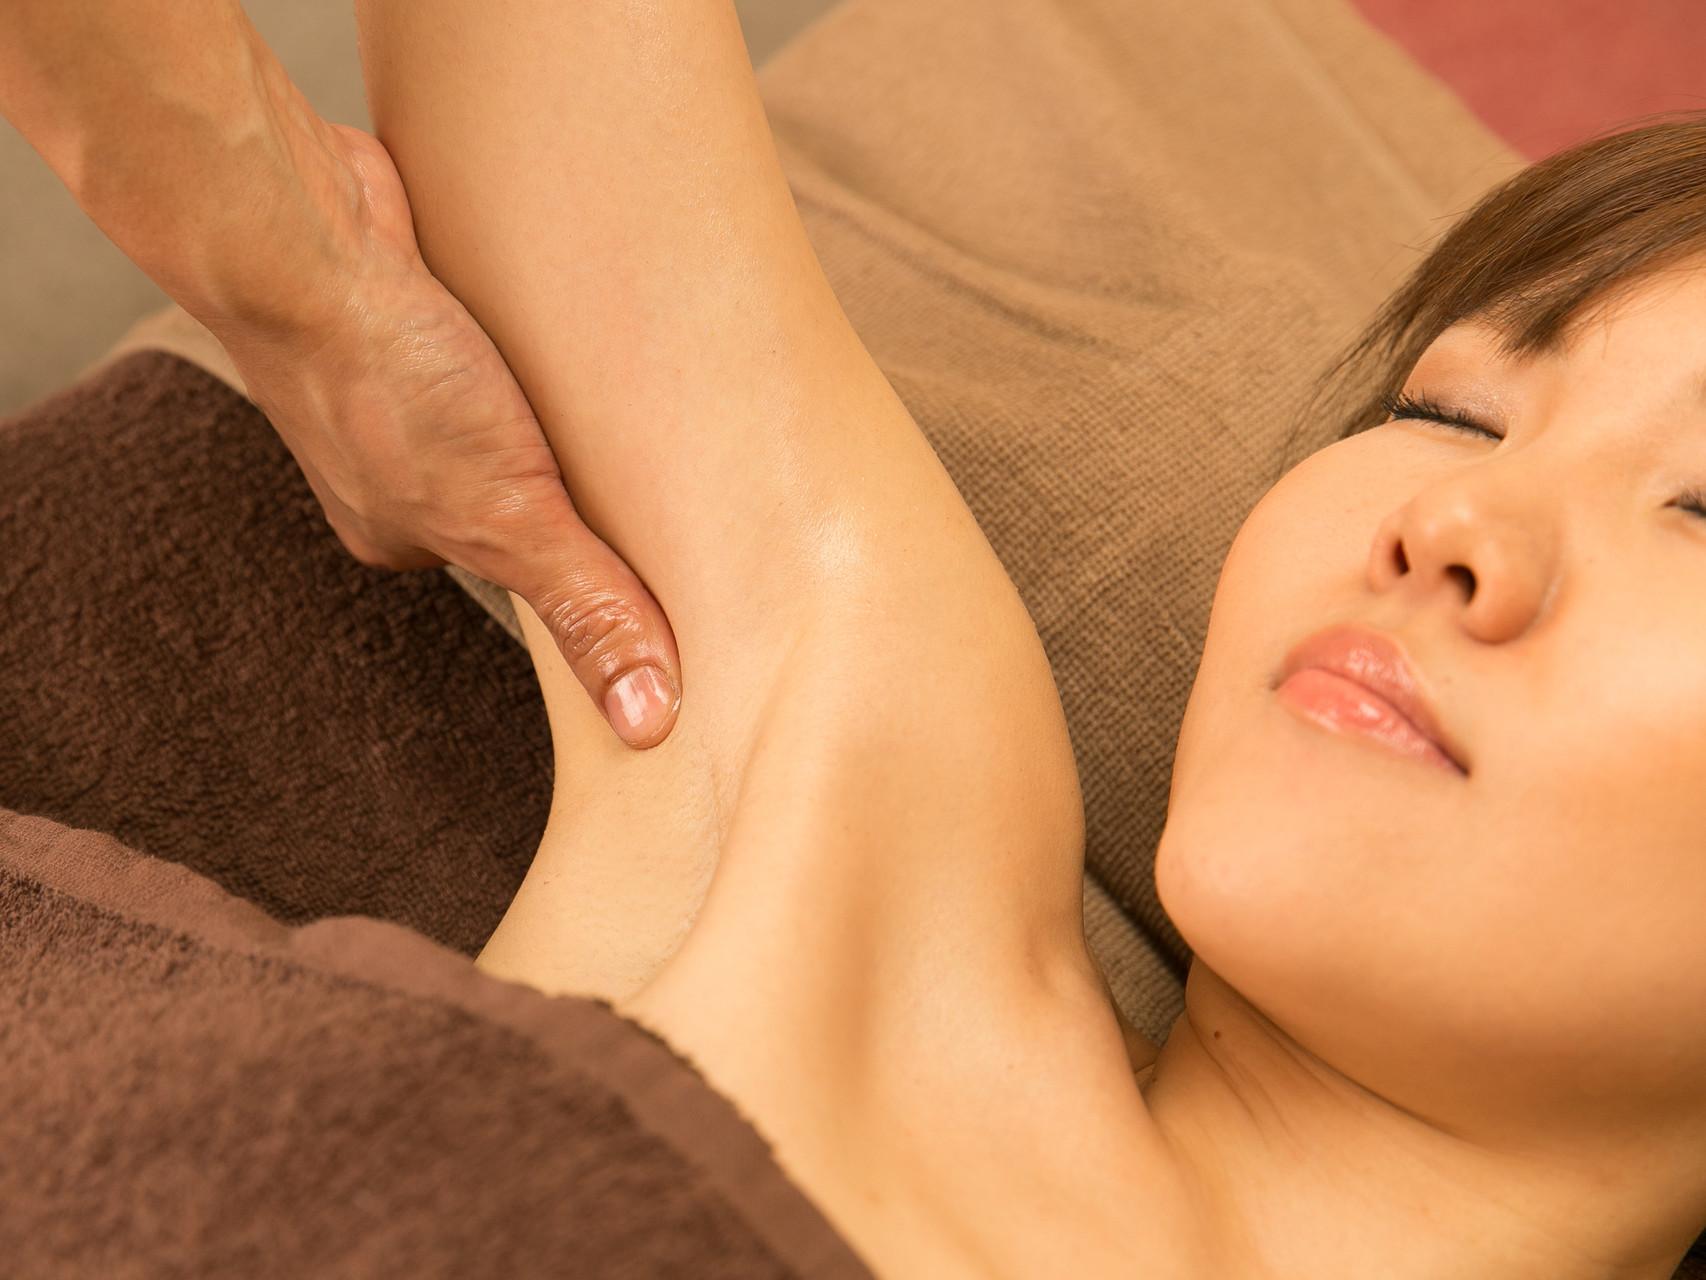 腋窩リンパ節は大事なところなので慎重に流します。